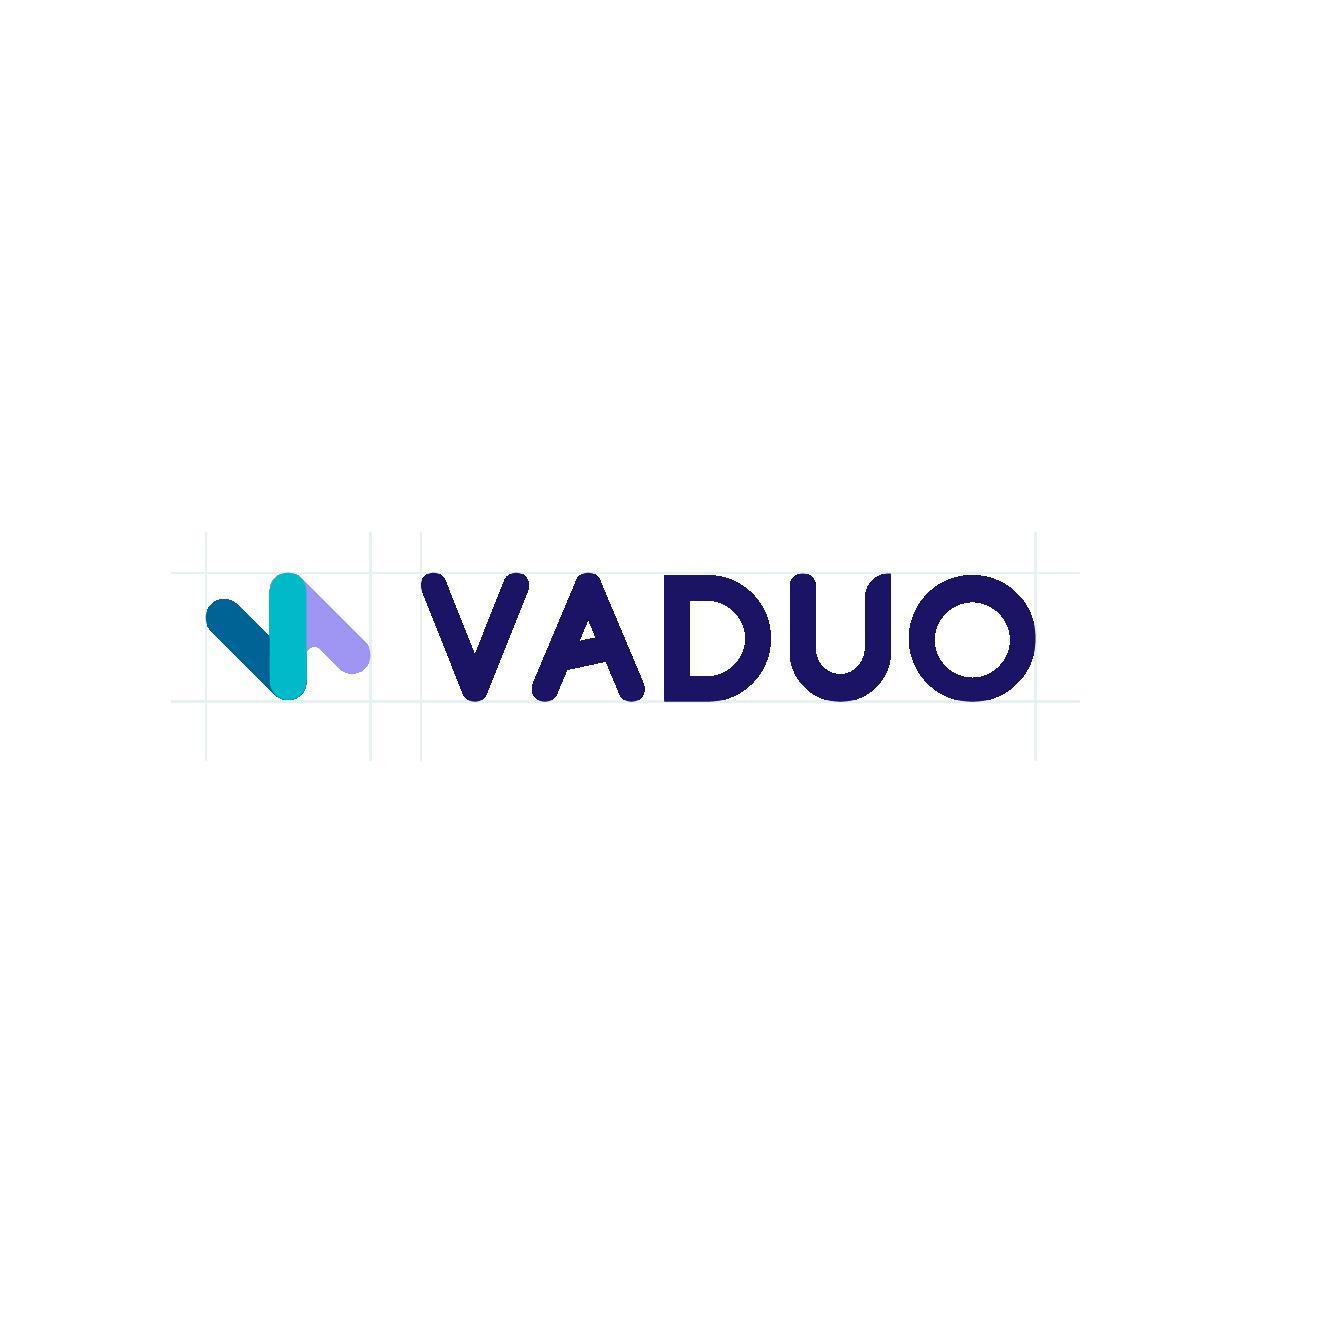 doublecat-vaduo-logo-branding